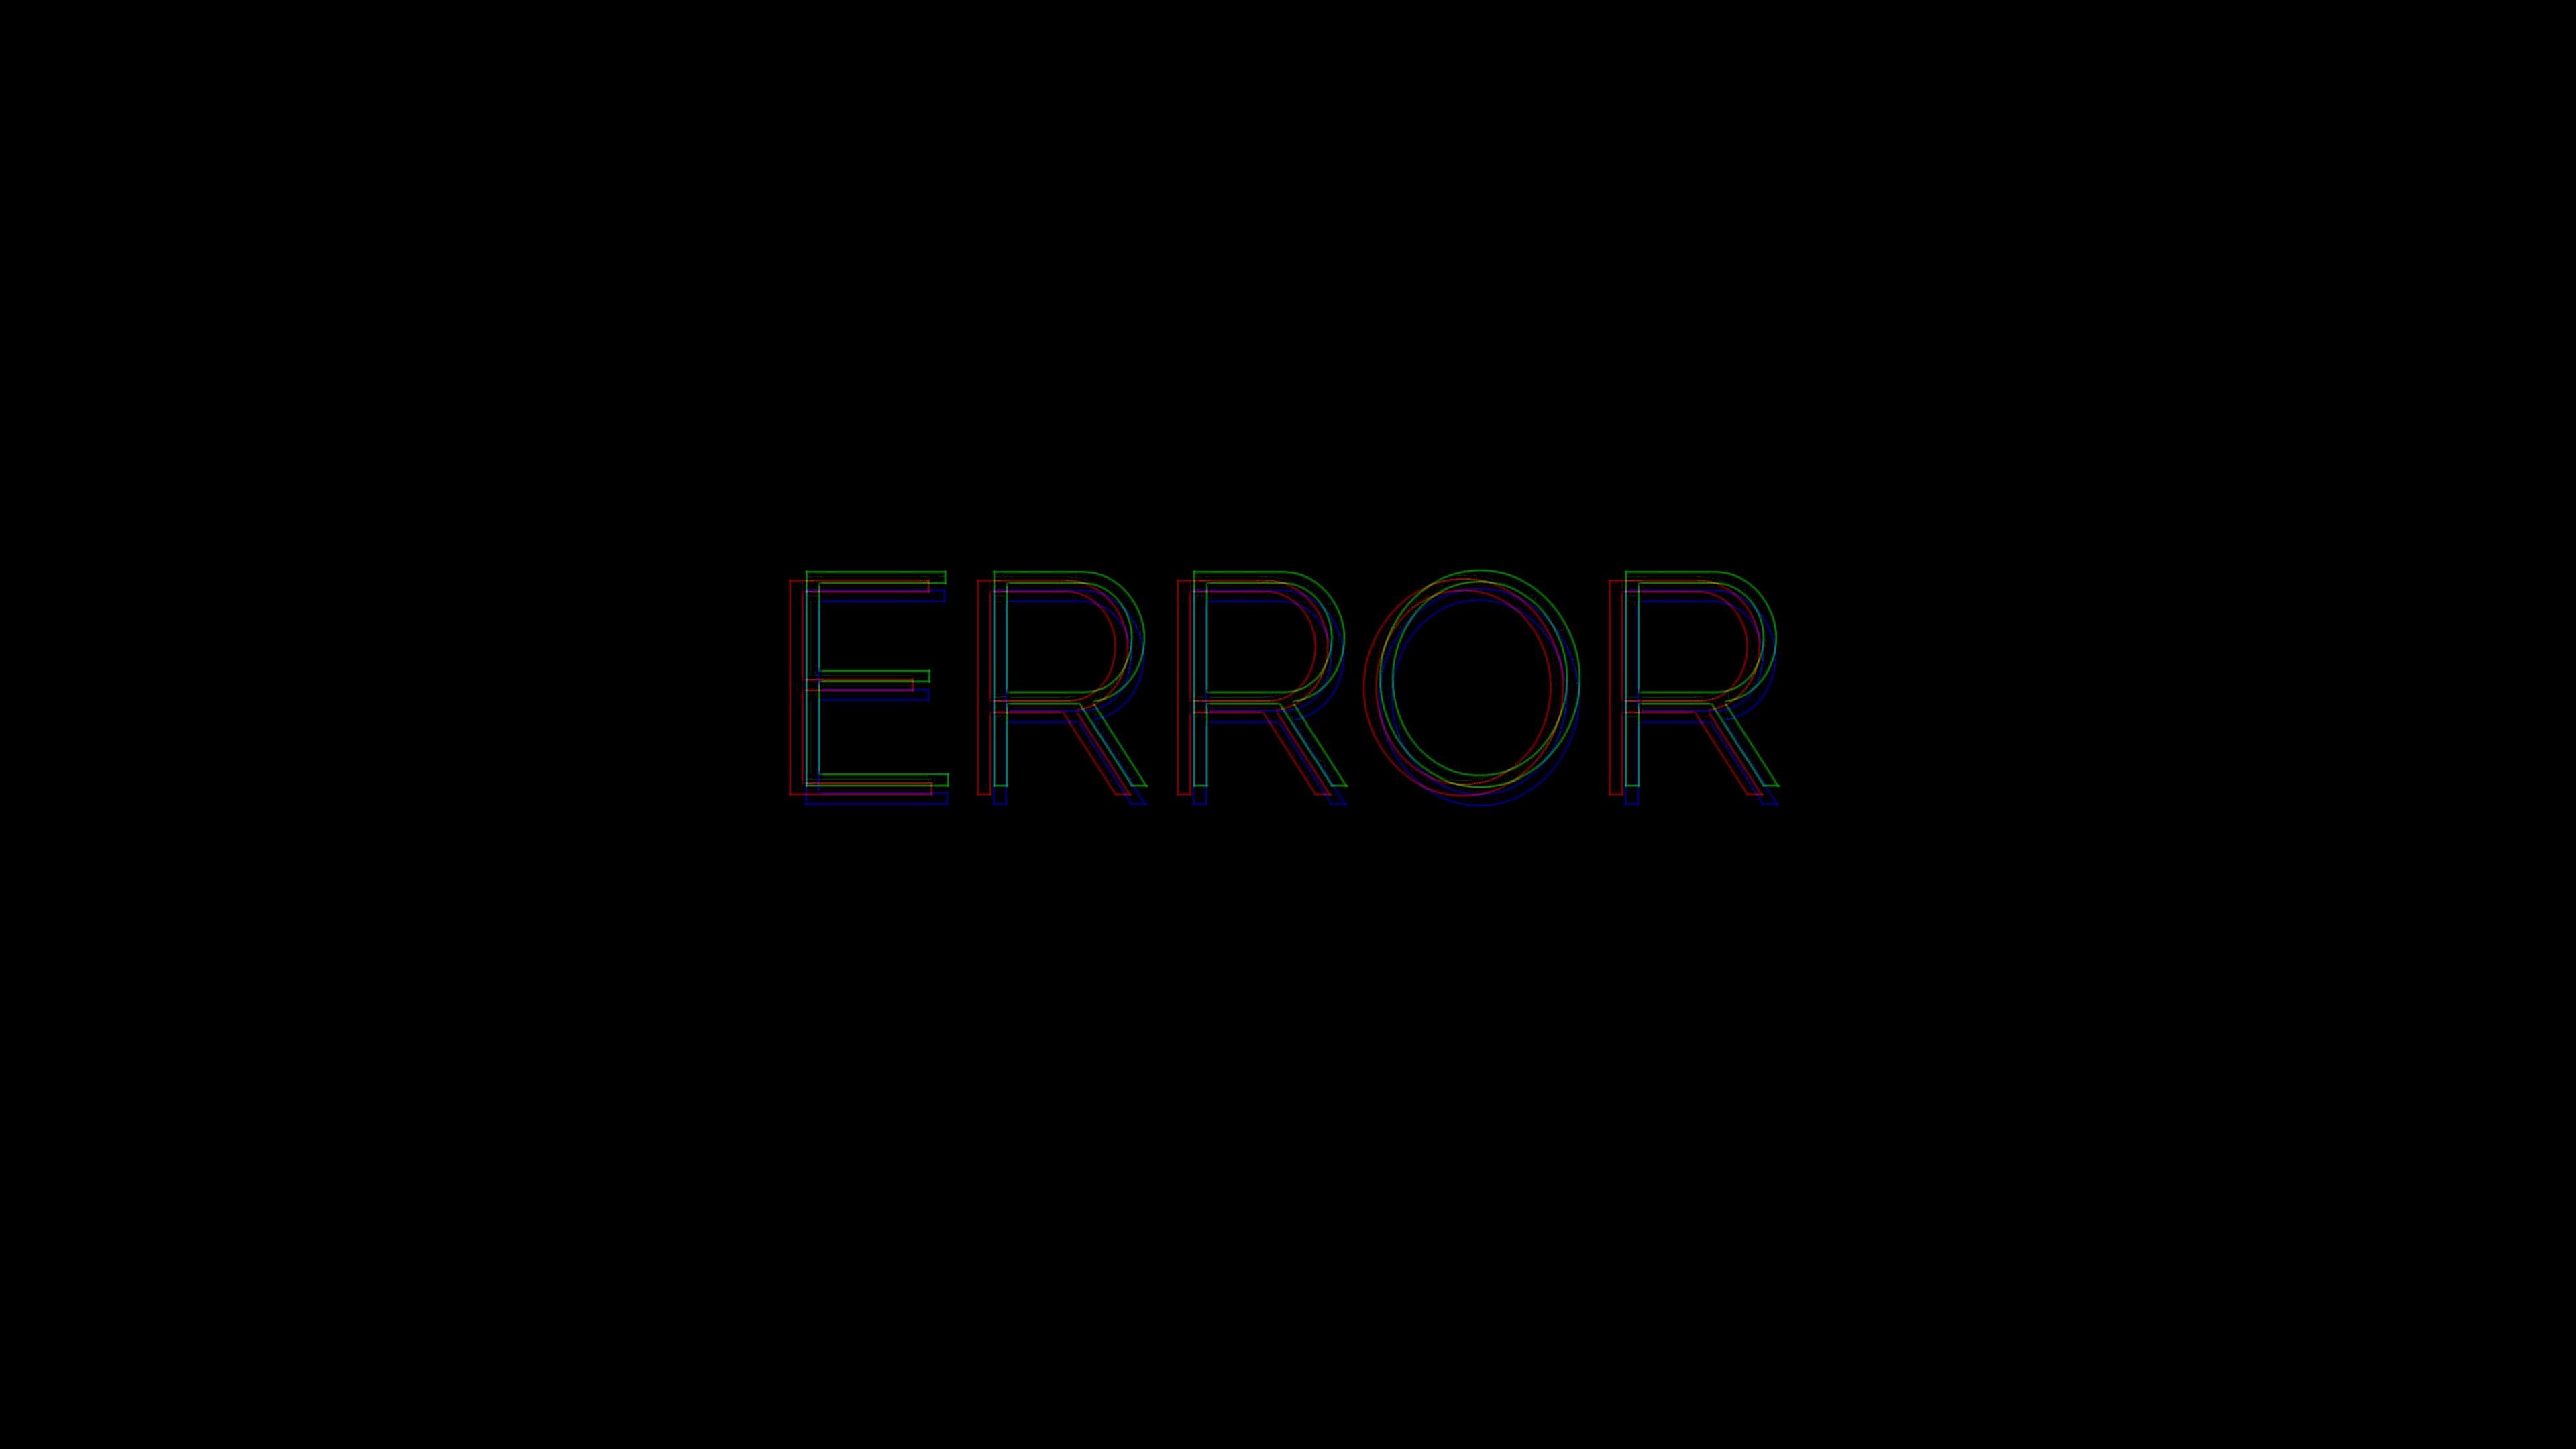 error inscription text word 4k 1540575225 - error, inscription, text, word 4k - text, Inscription, error